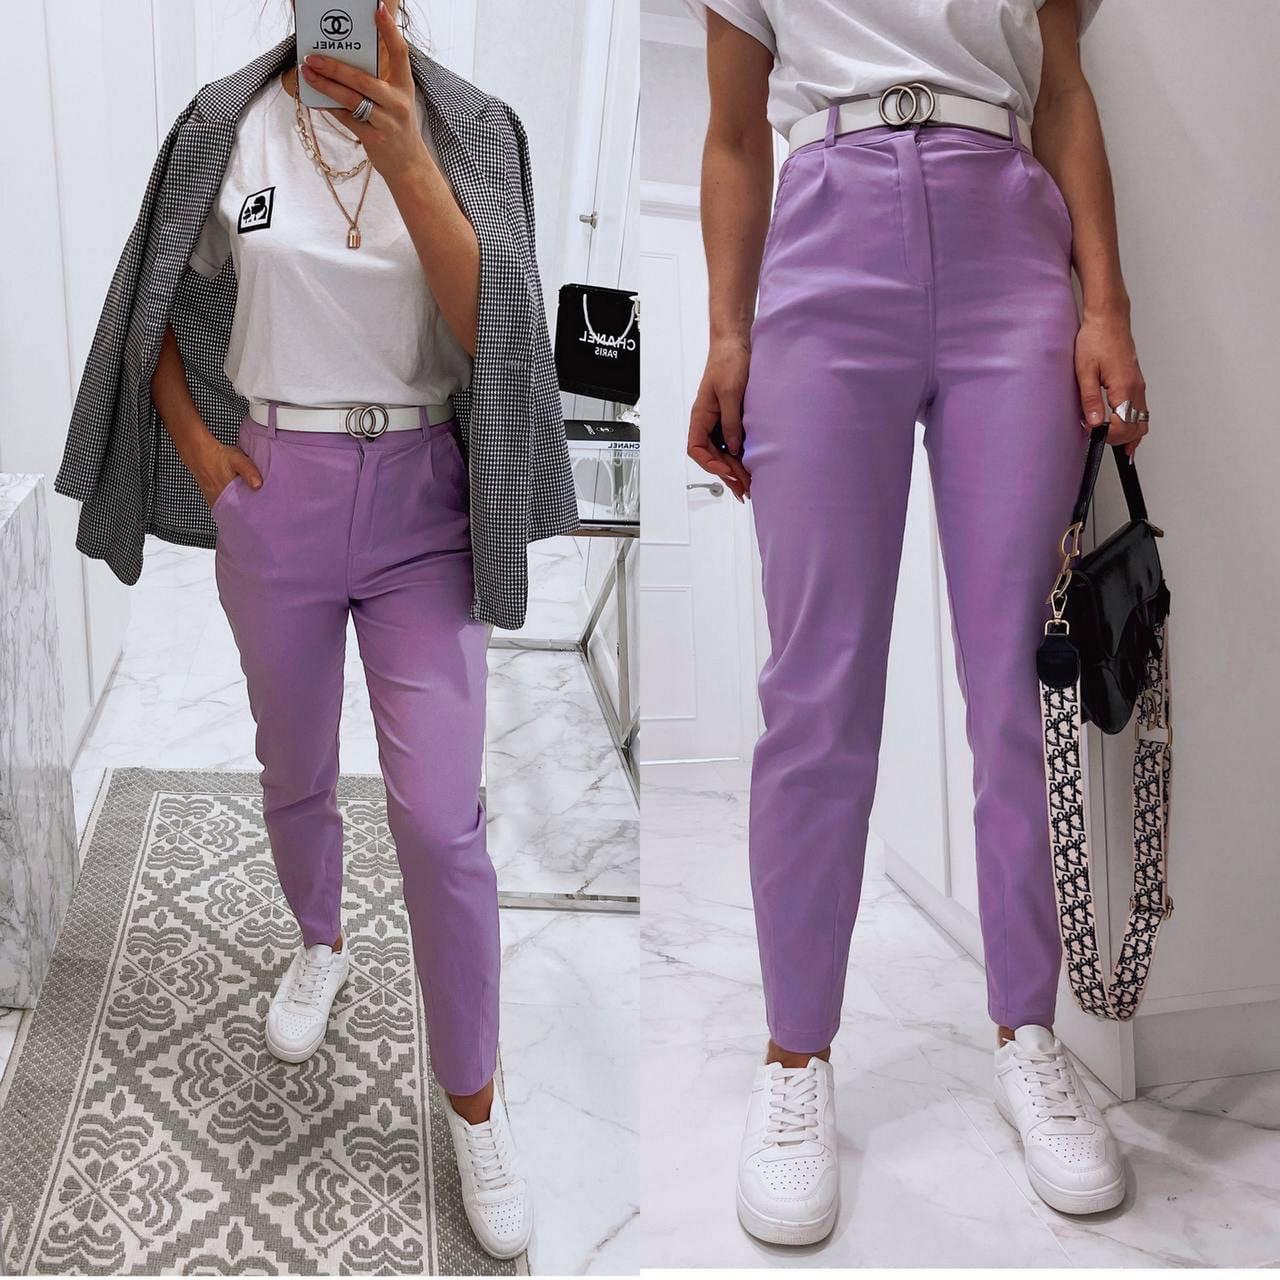 Женские брюки с завышенной талией из материала стрейч-джинс, 00759 (Фиолетовый), Размер 44 (M)